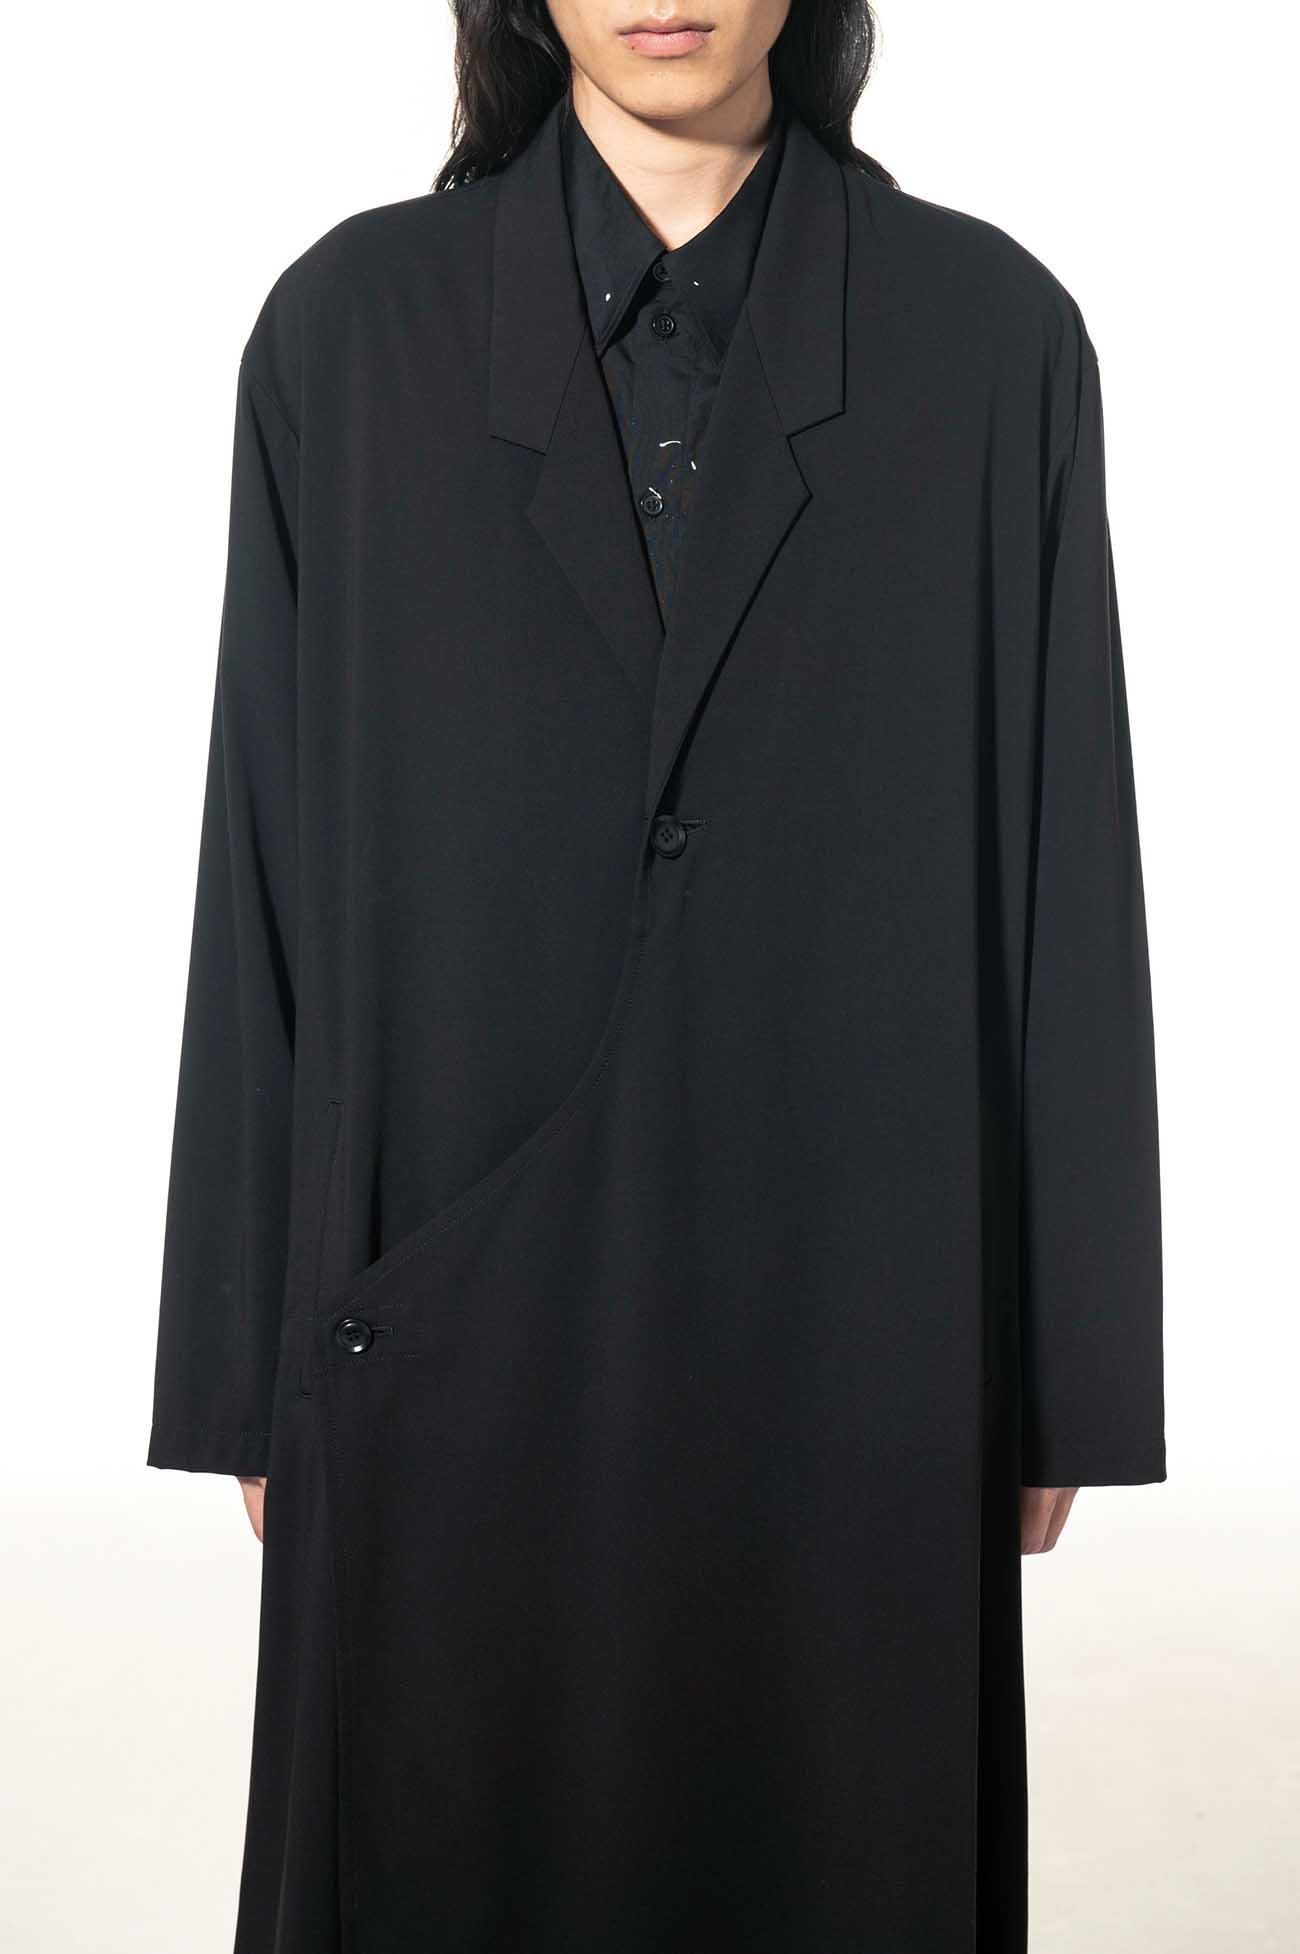 Pe/Rayon Gabardine Stretc Tailored Wrap Dress